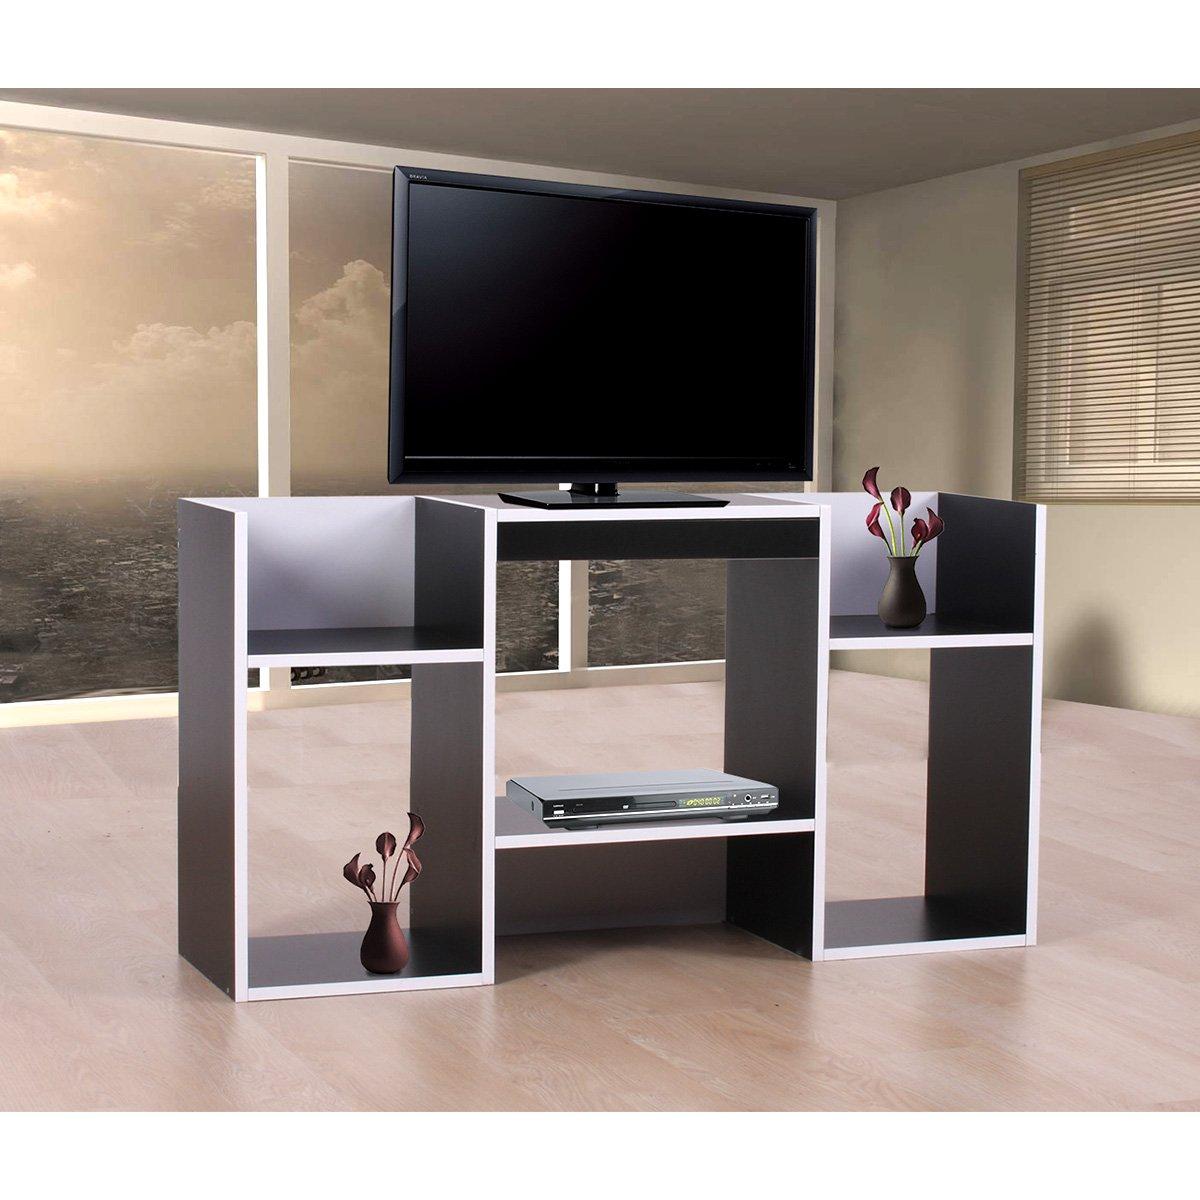 Muebles modernos para tv con cu l te quedas homy for Muebles barrocos modernos